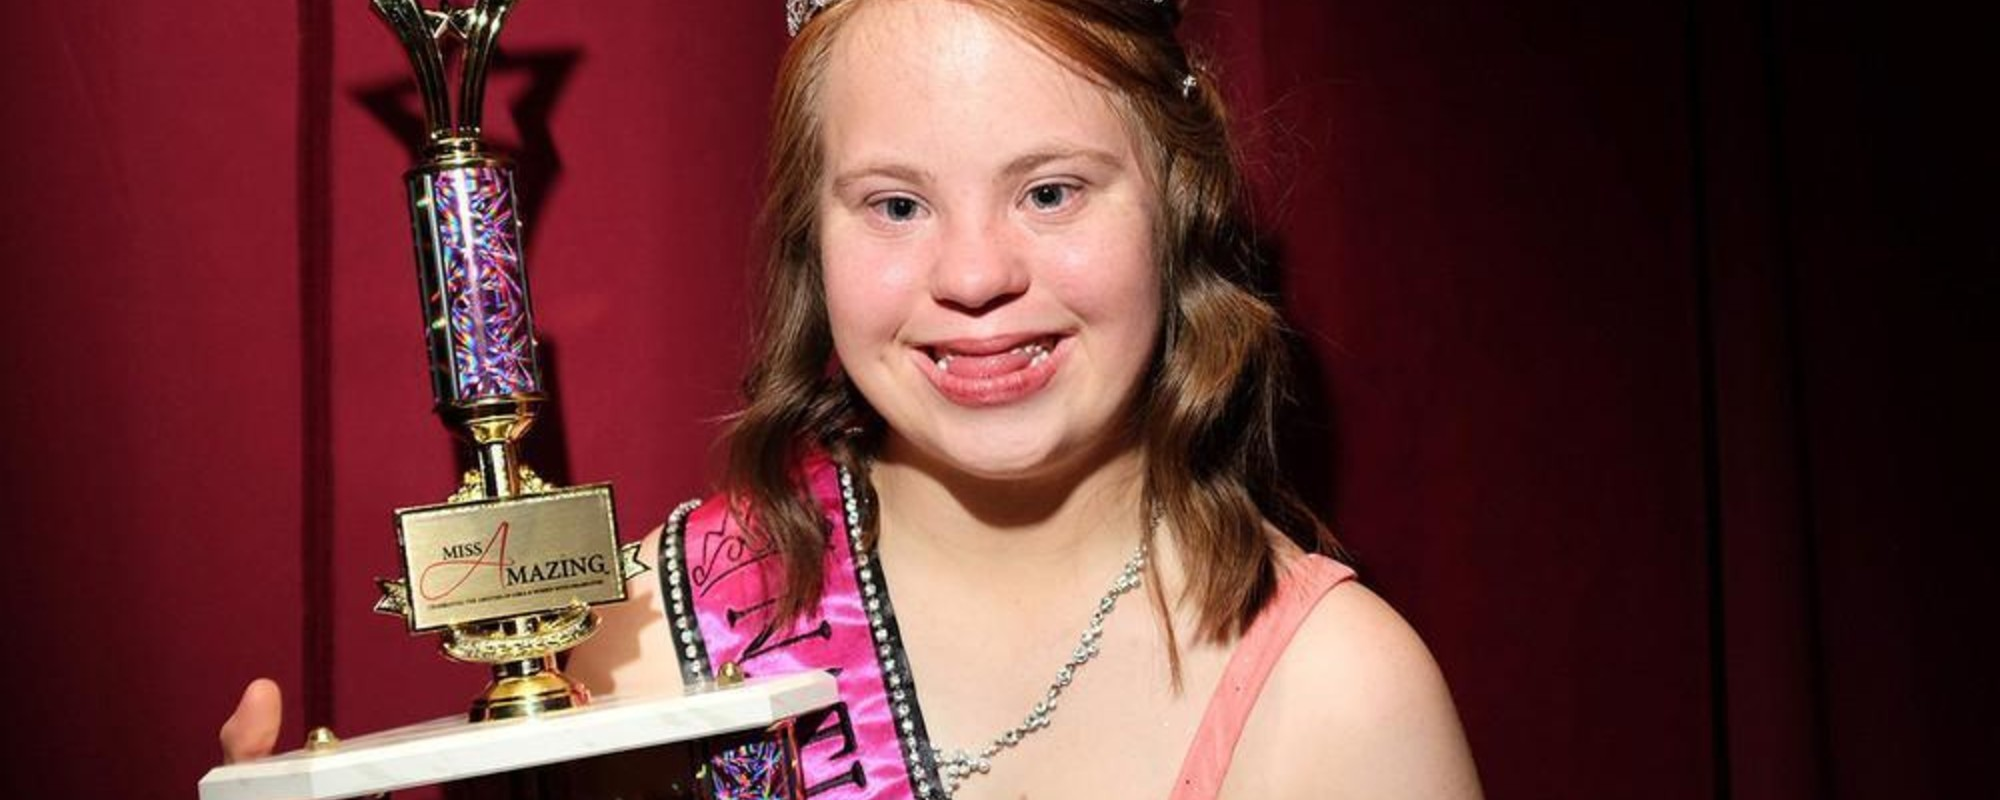 Fotos de Miss Amazing, el concurso de talentos de los Special Olympics